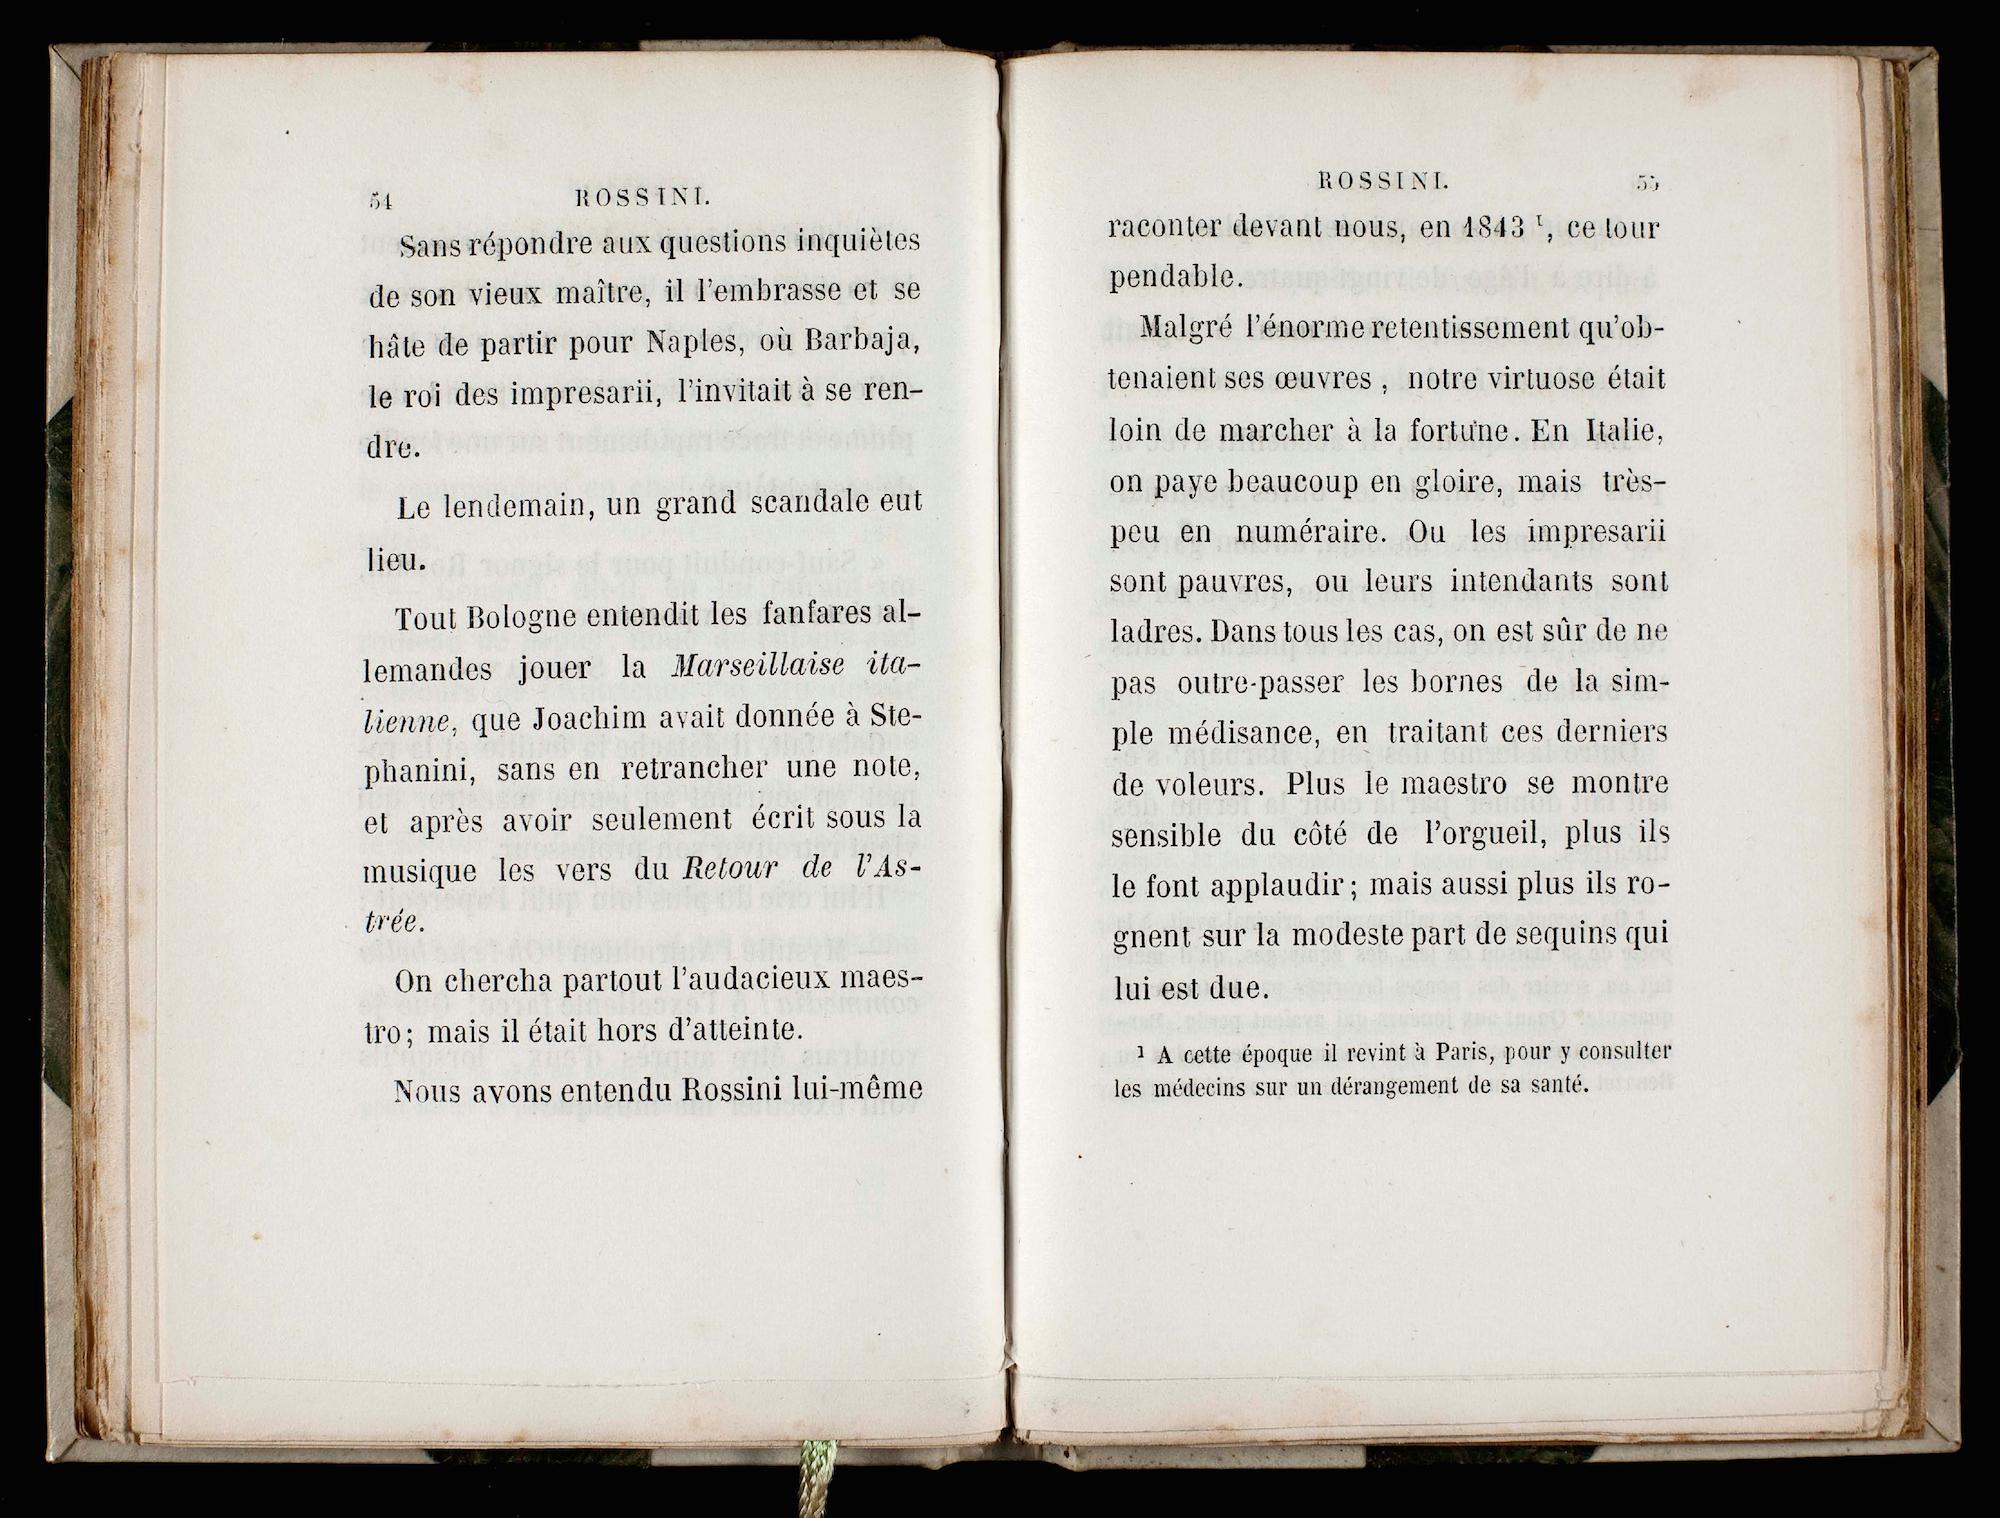 Mirecourt Rossini-page-004 resized.jpeg